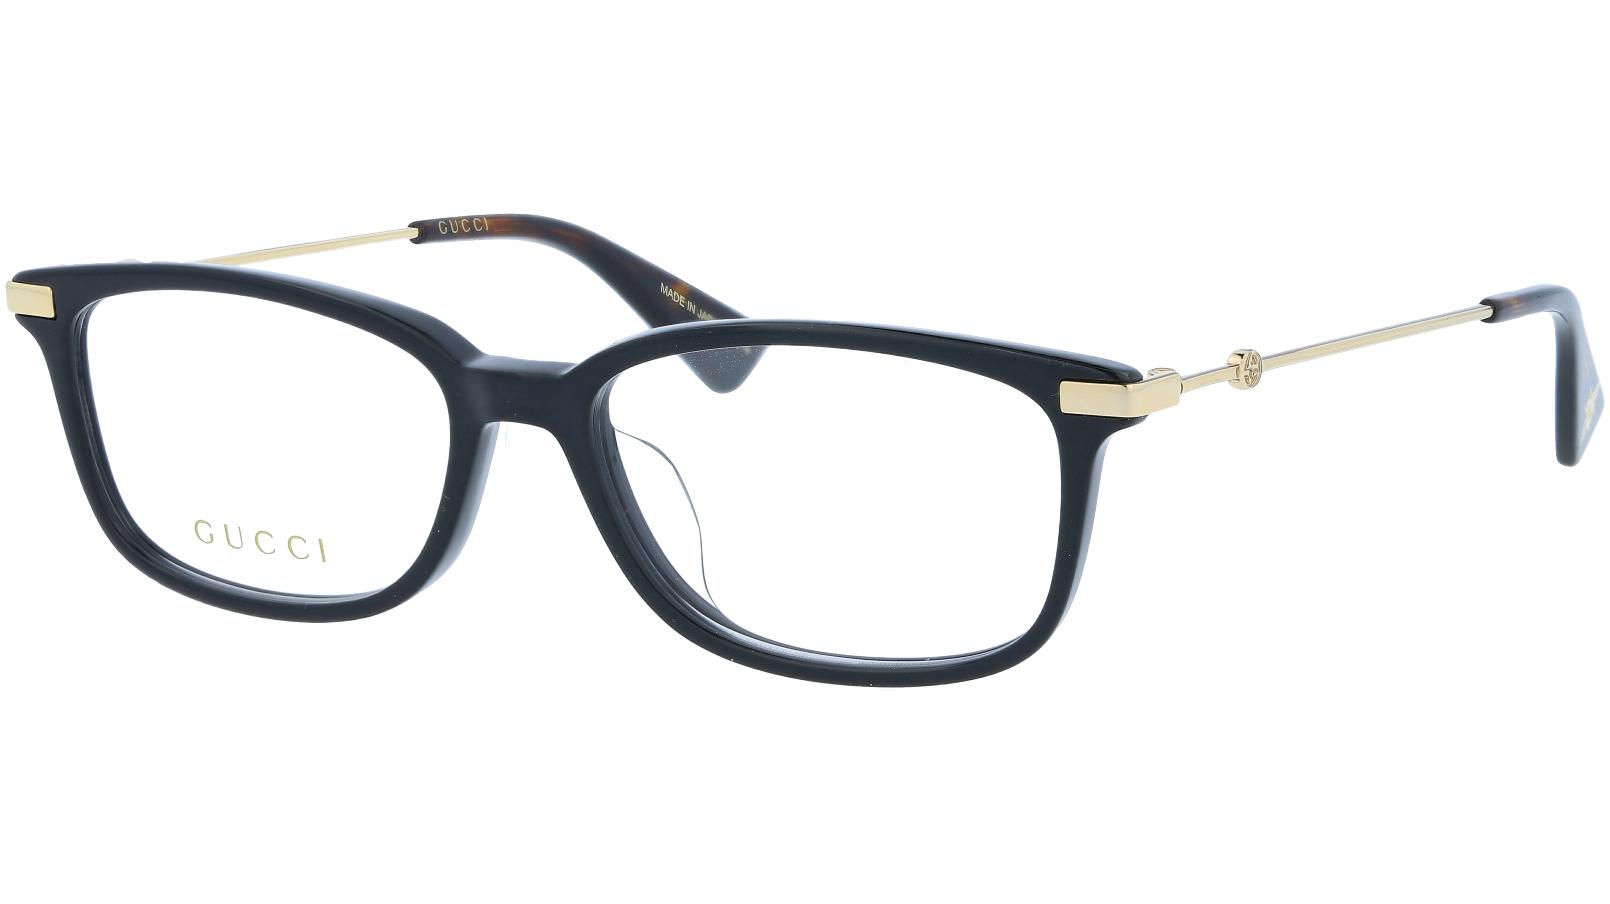 GUCCI GG0112OA 001 53 BLACK Glasses